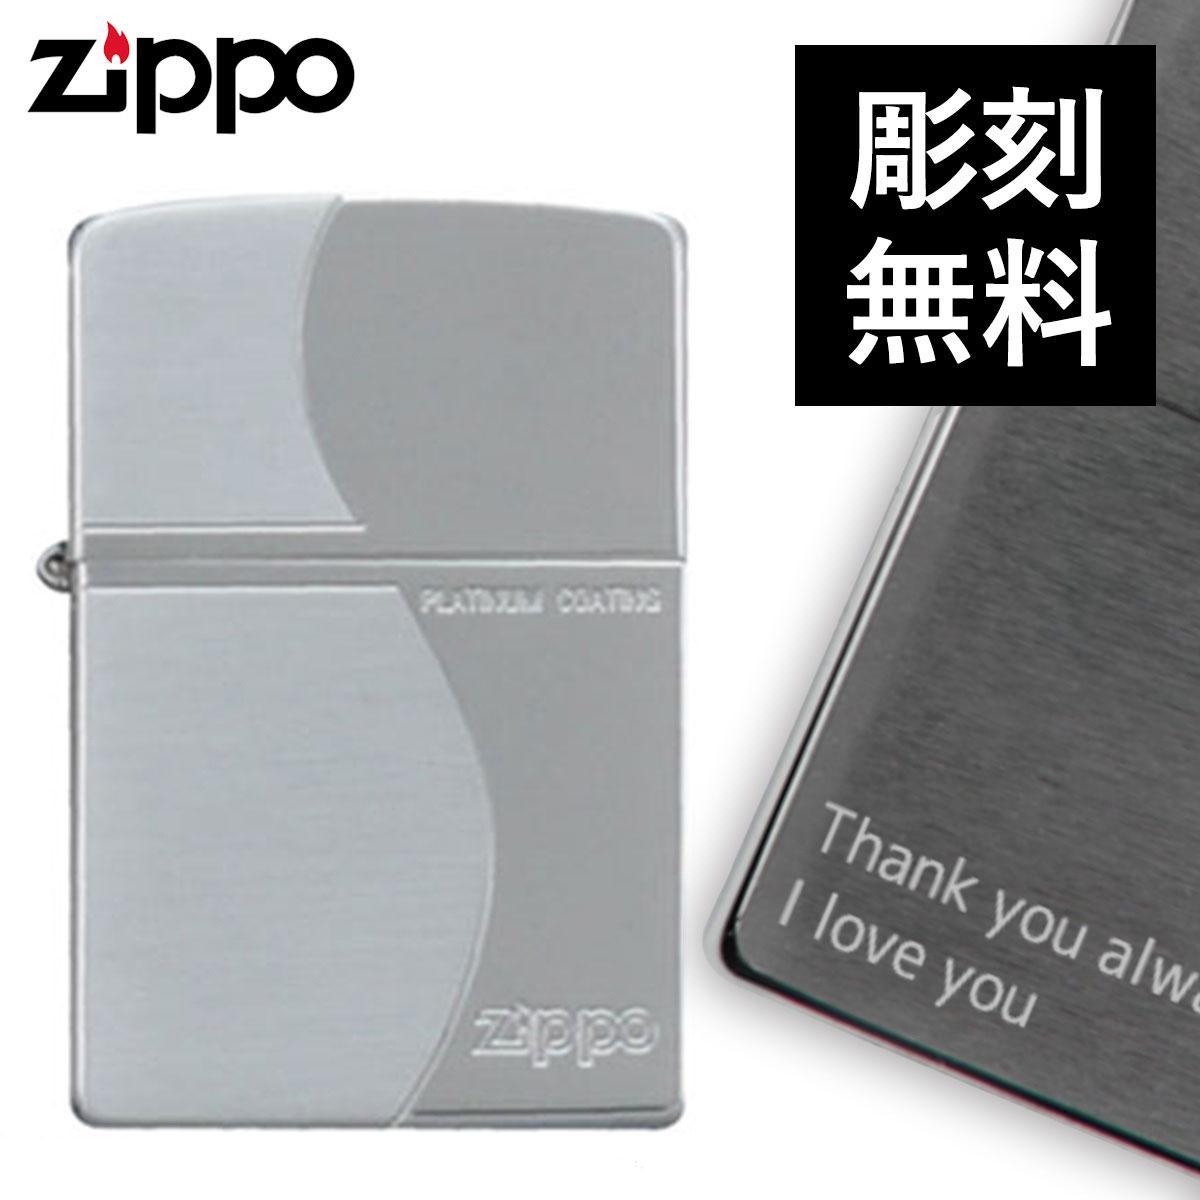 zippo 名入れ ジッポー ライター PZ5 名入れ ギフト オイルライター ジッポライター ギフト プレゼント 彼氏 男性 メンズ